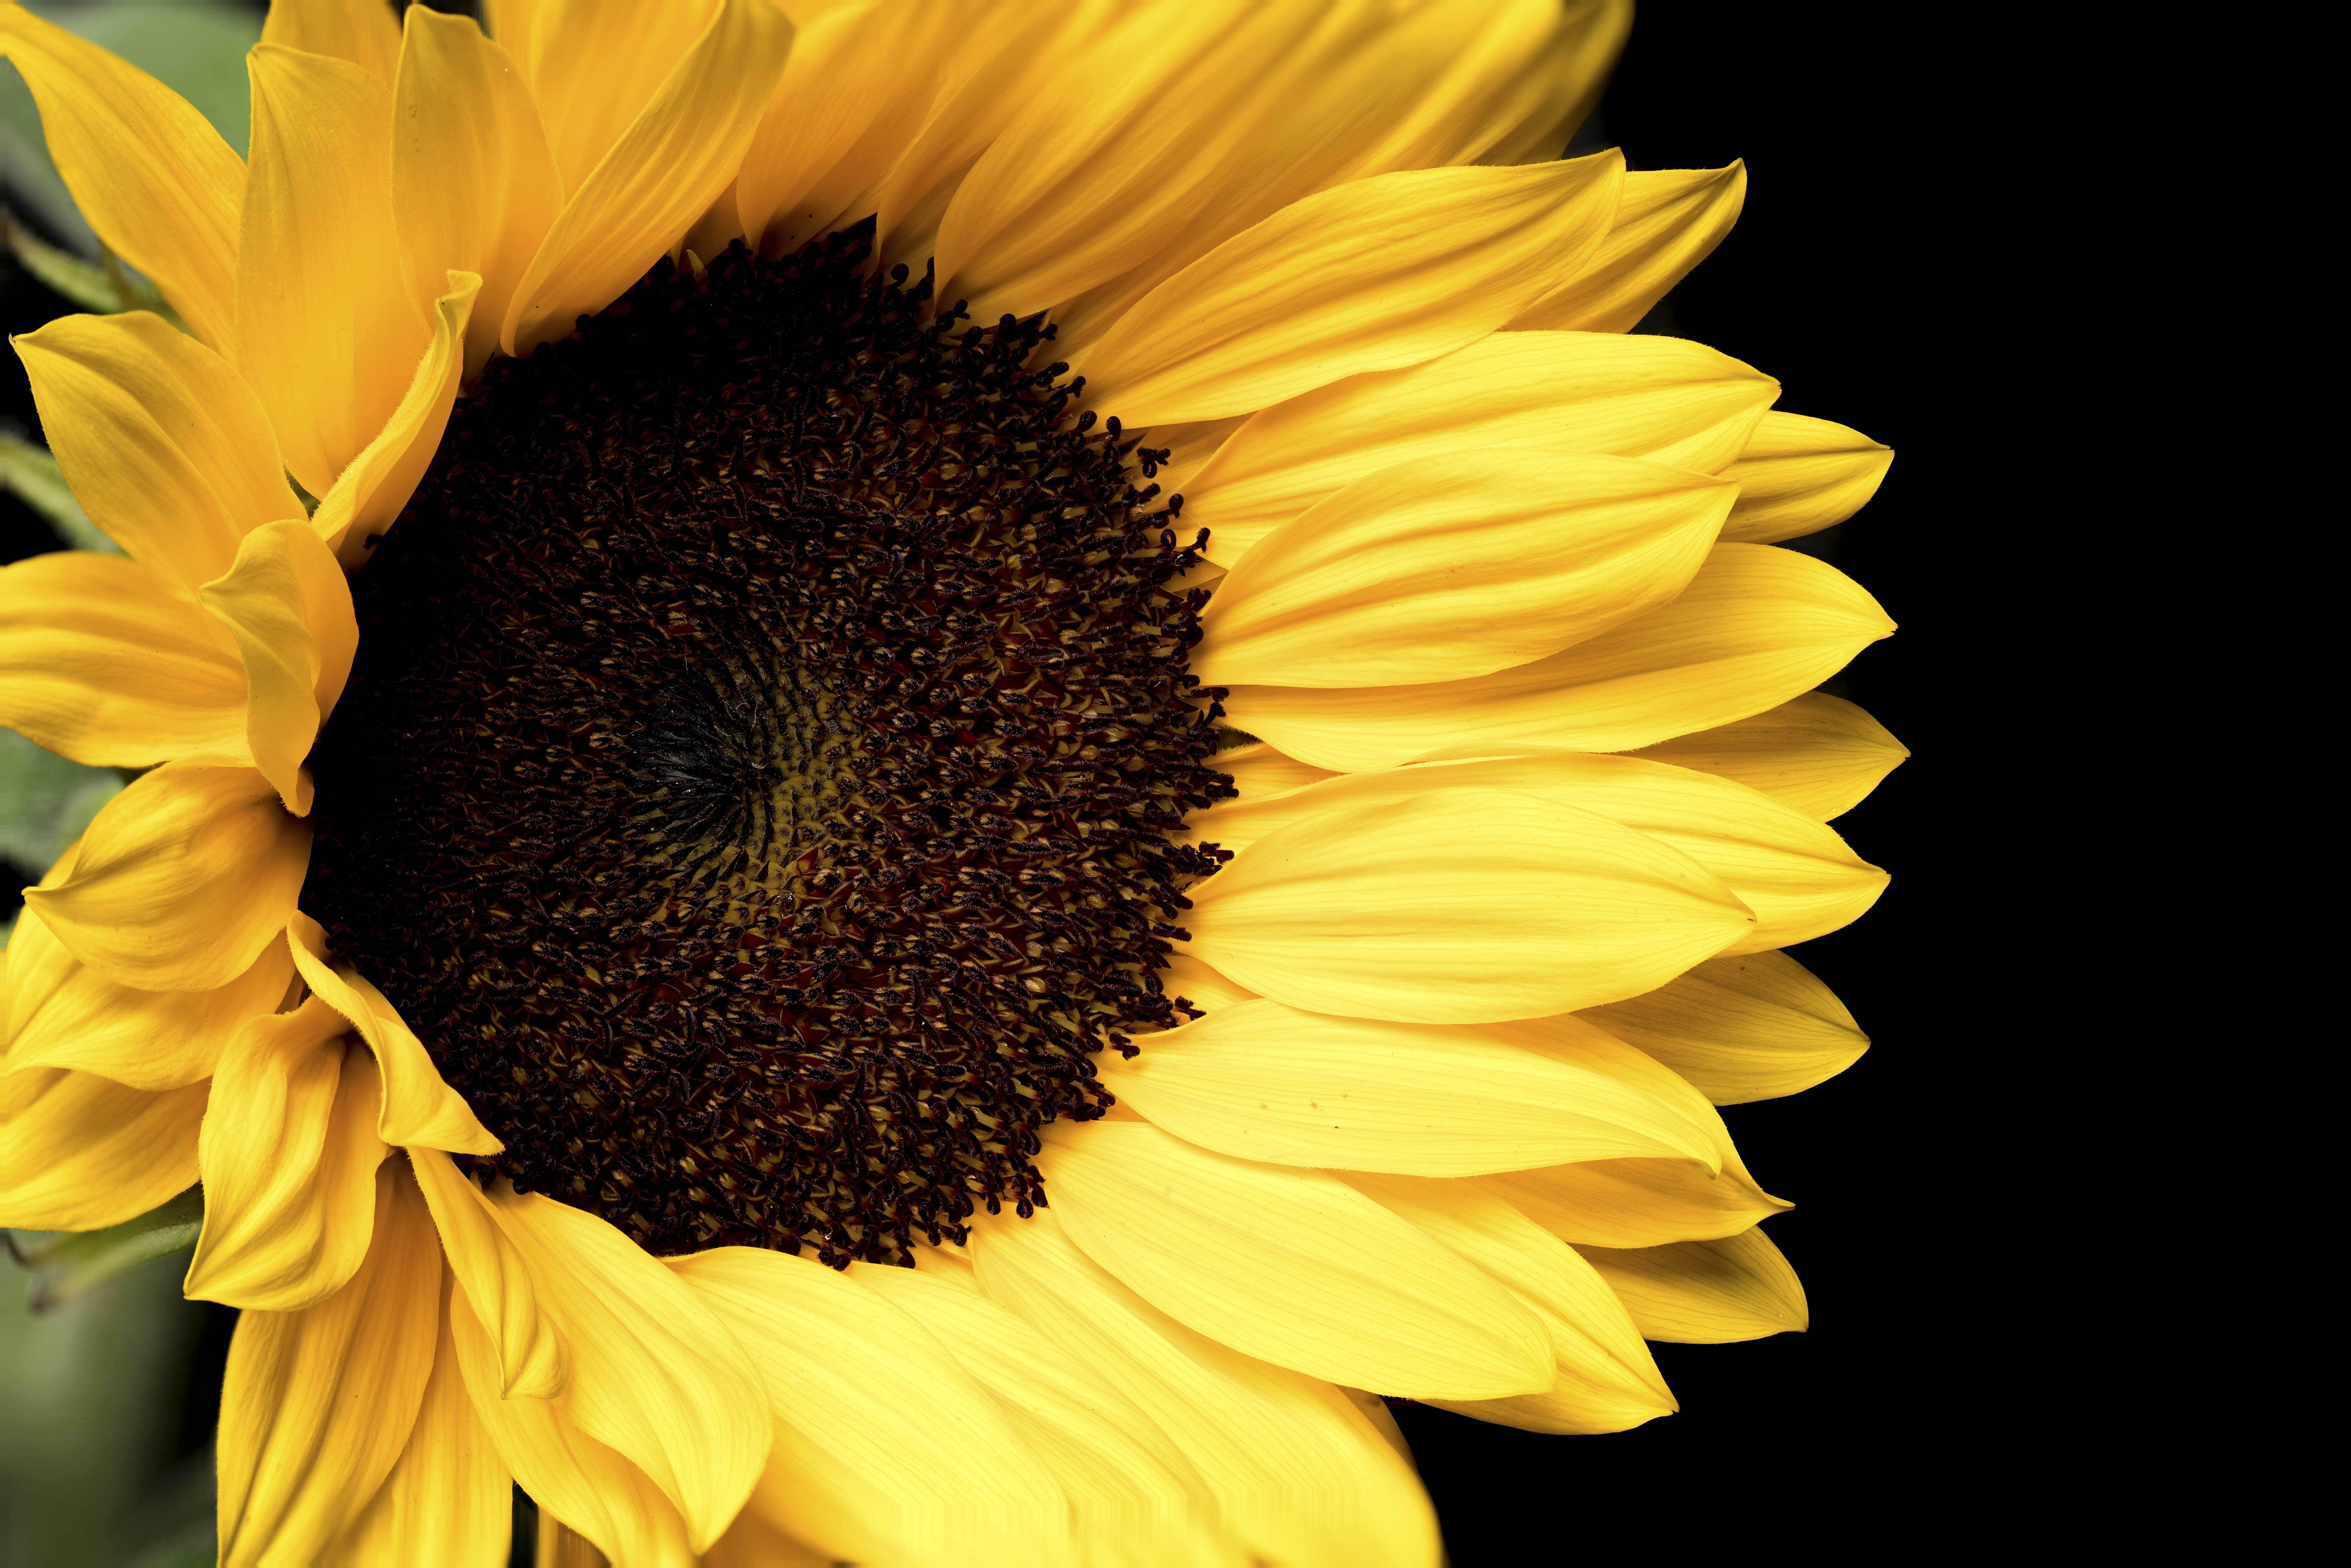 Sunflower [7952 x 5304] [OC]